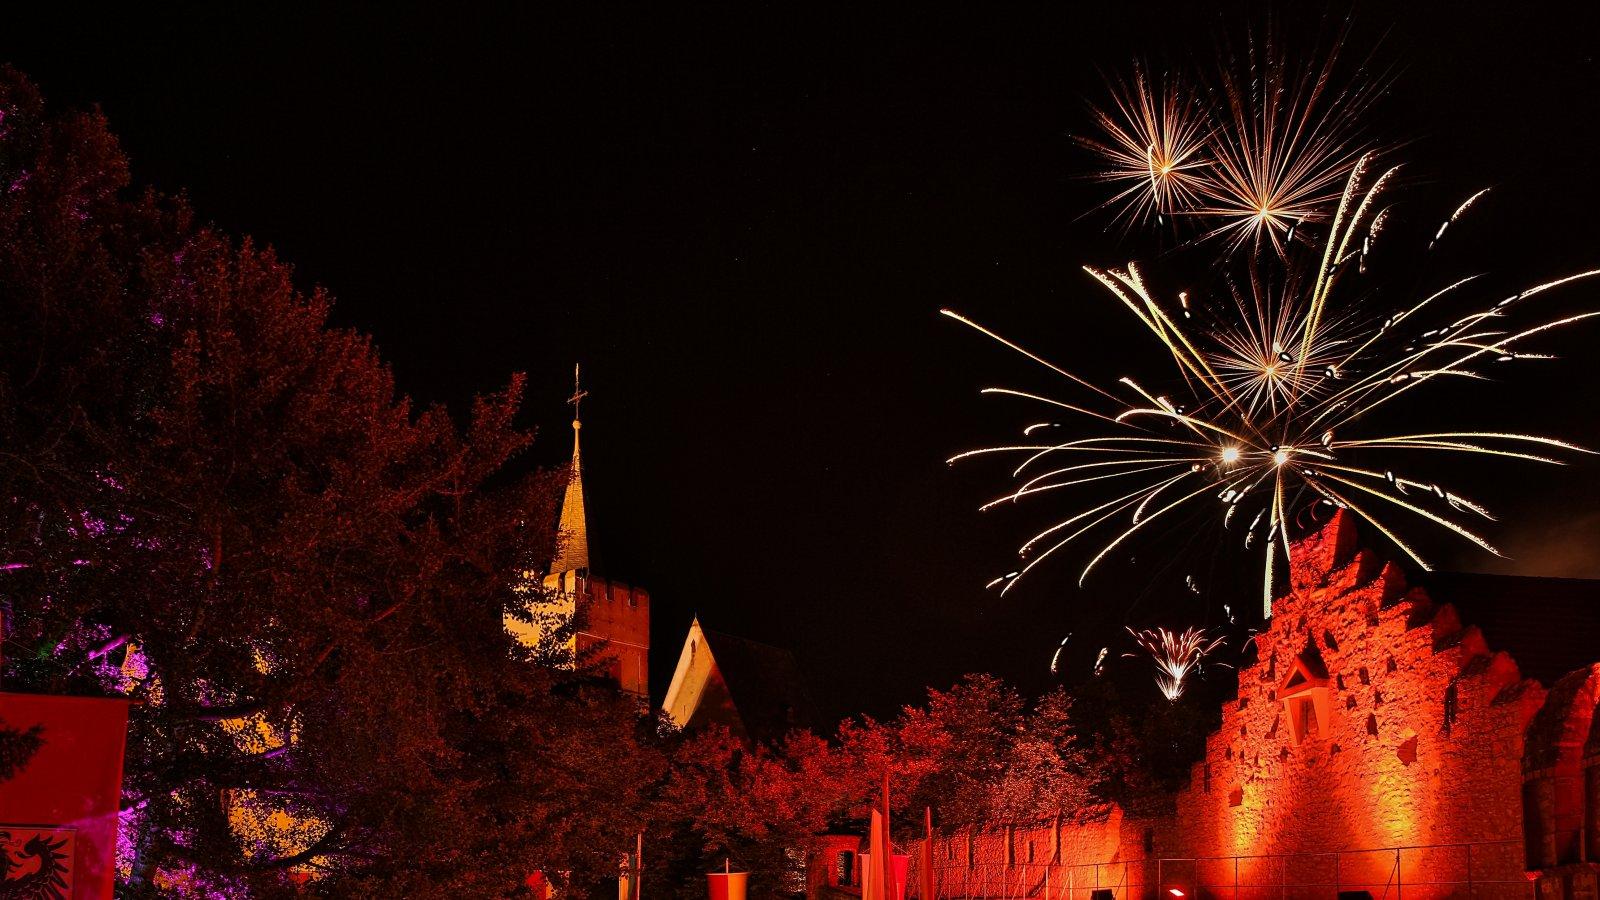 Bilder_R_Oppenheimer/FeuerwerkRotweinfest.jpg